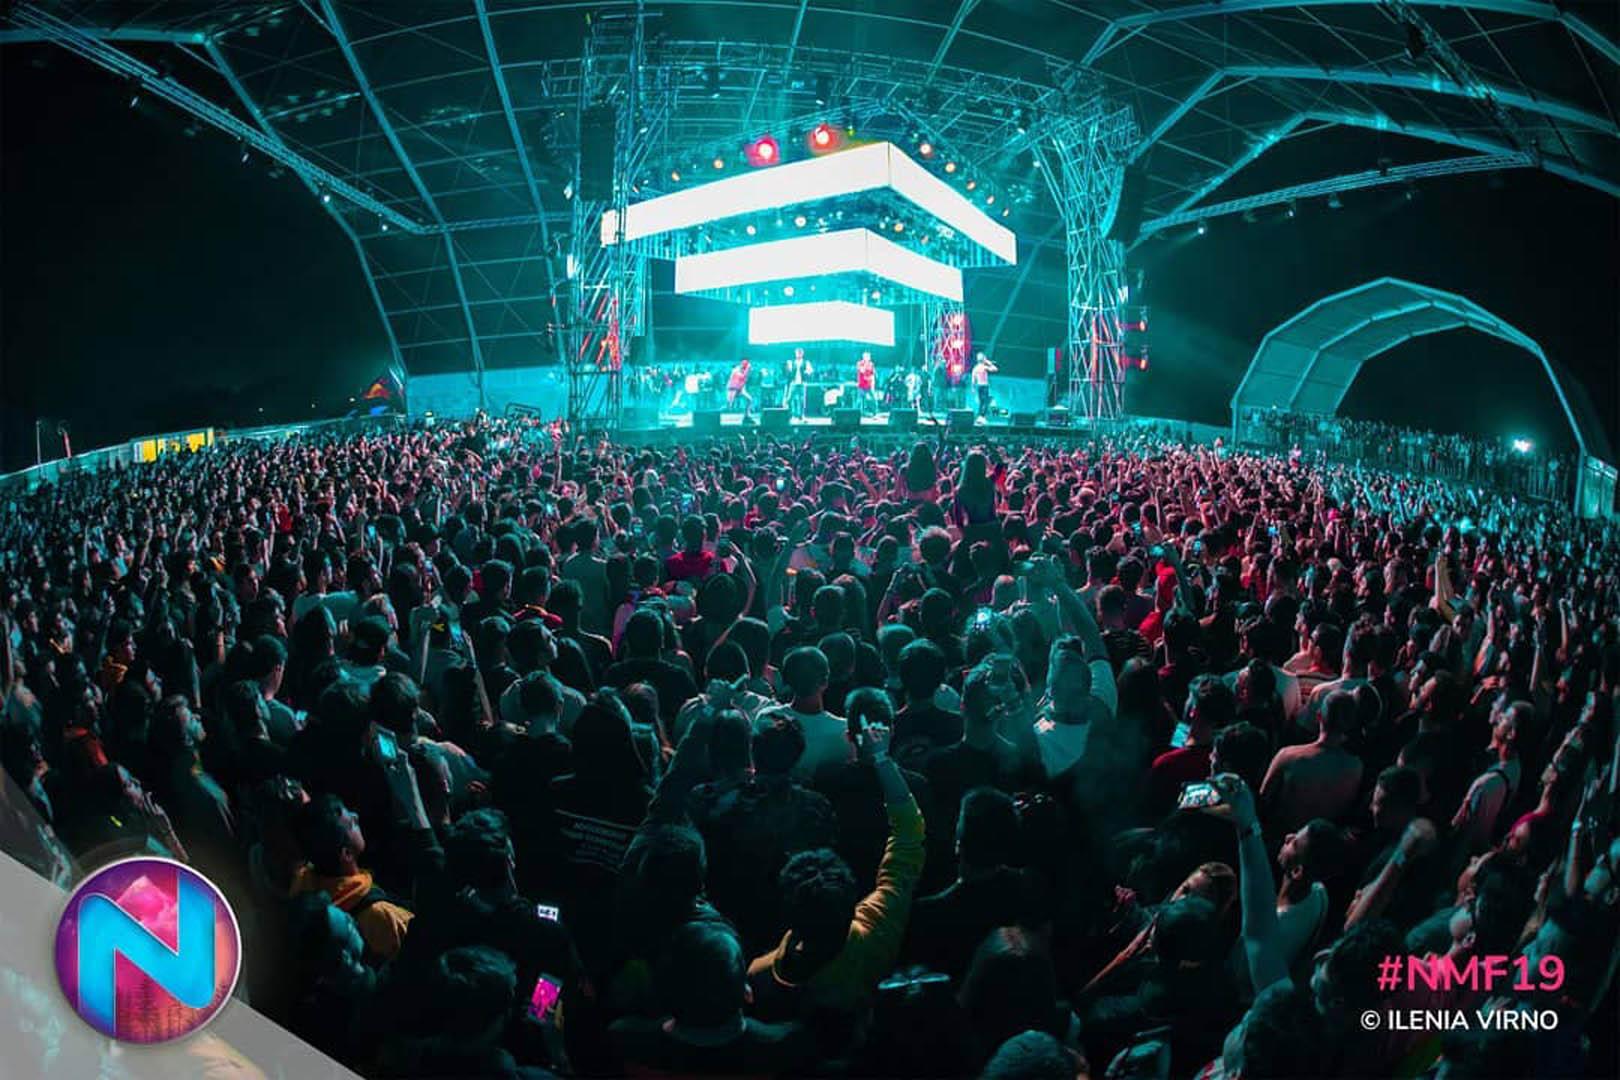 I Migliori Dj Set e Festival di Musica Elettronica in Italia